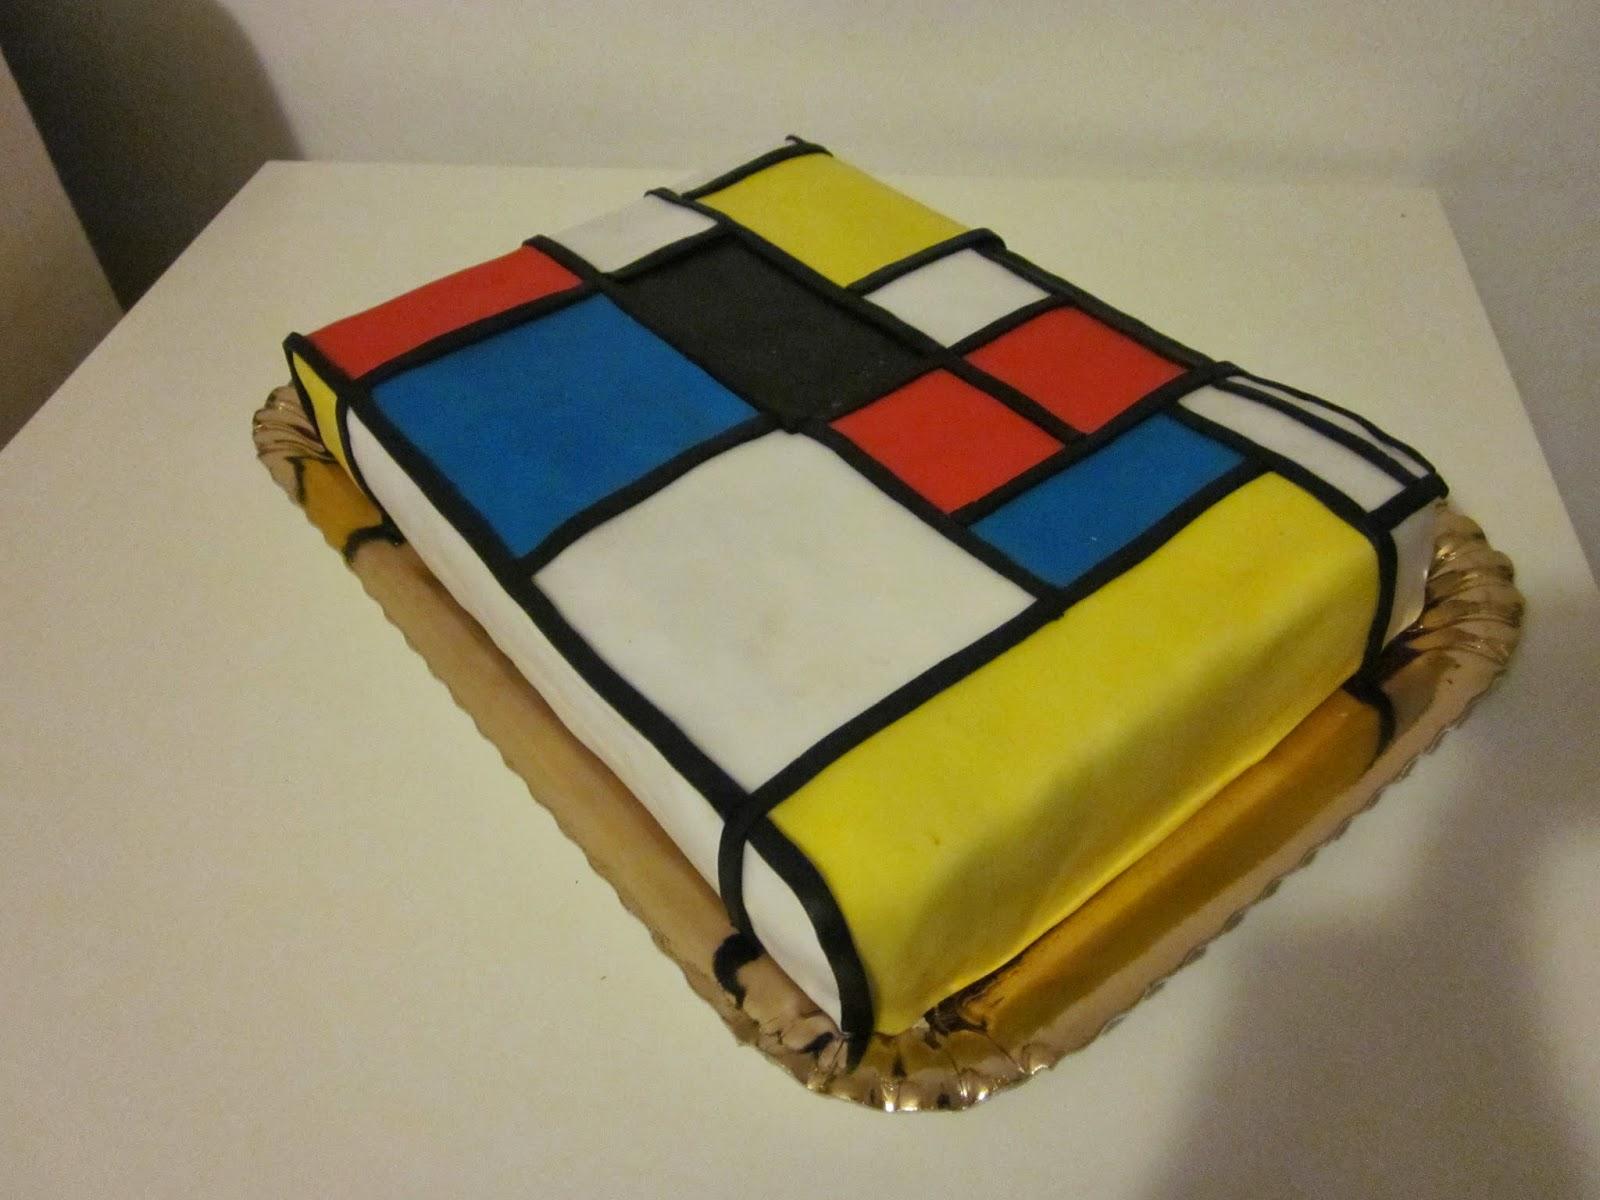 Sempre per il mio compleanno ho fatto una torta ispirata alle forme  geometriche dei quadri di Keith Haring.